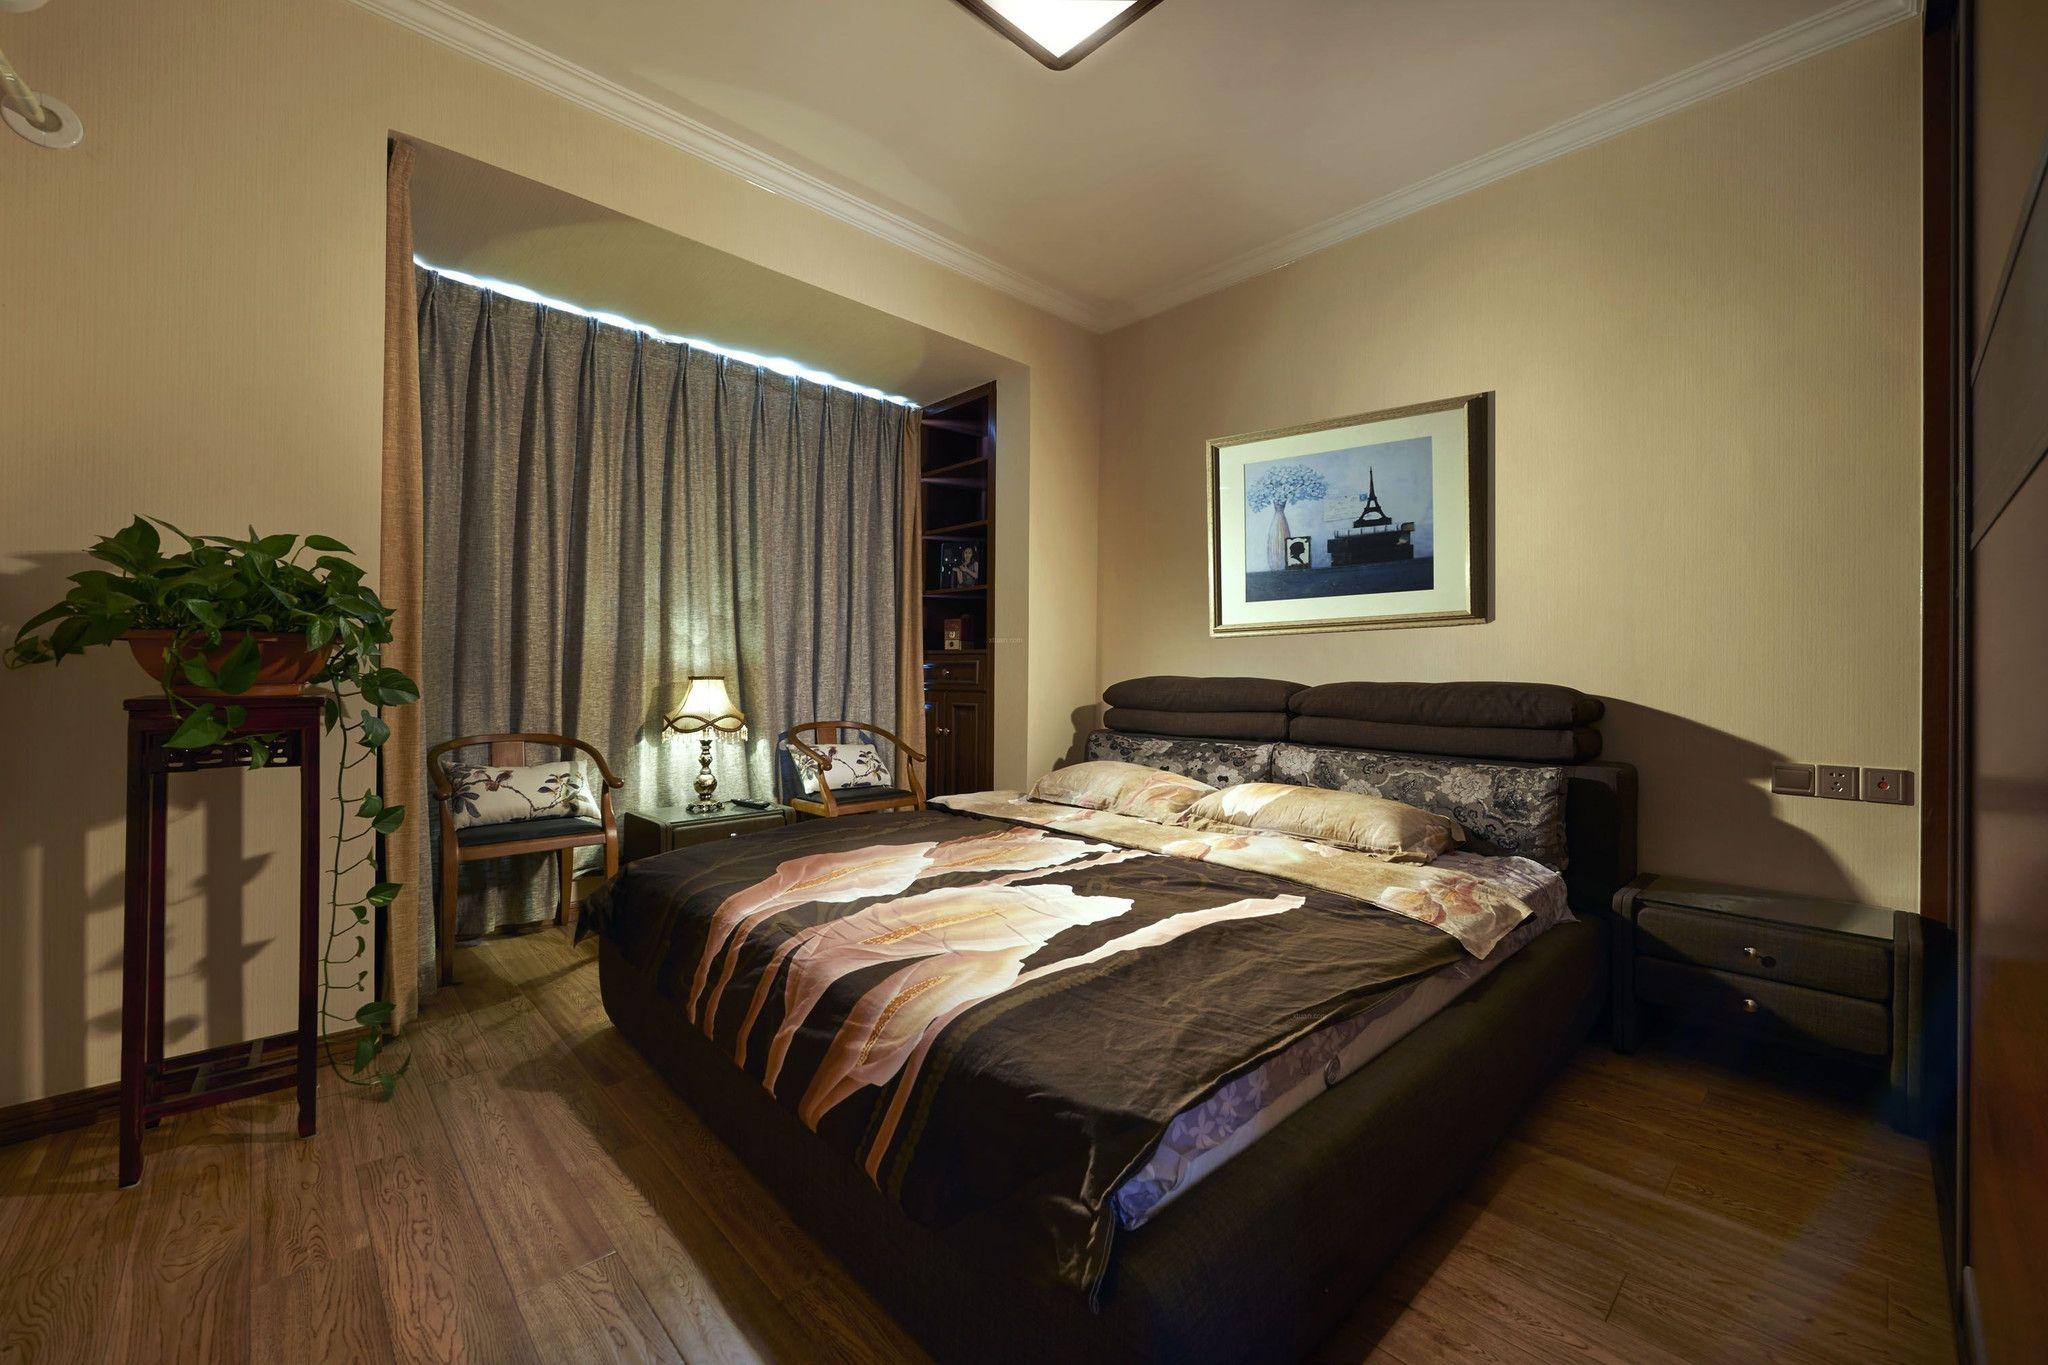 旧房子的卧室应该怎么装修